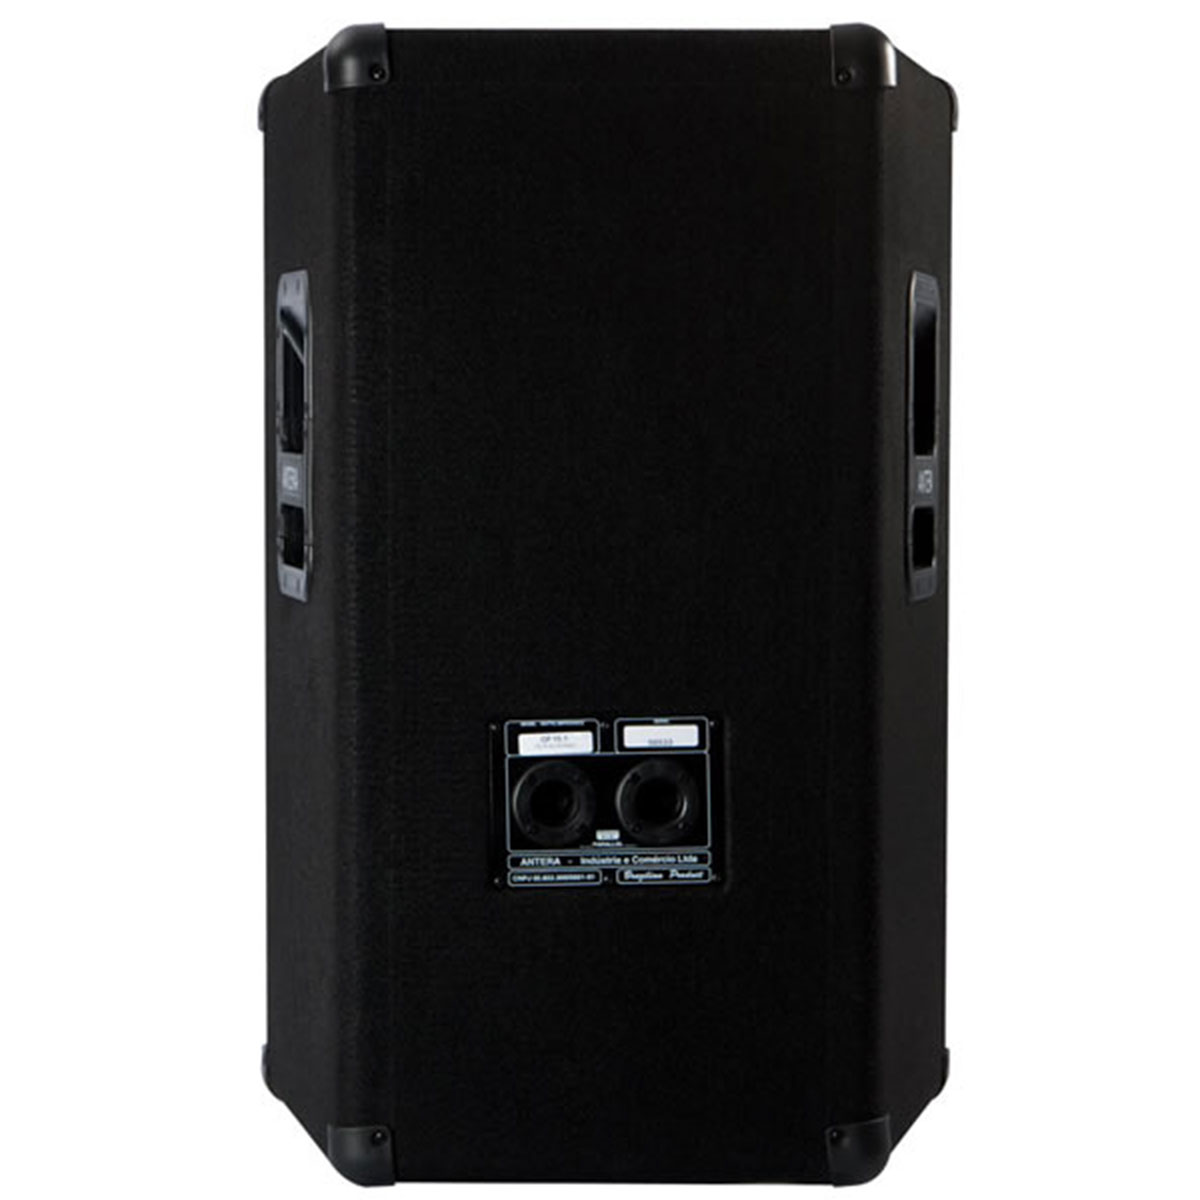 Caixa Passiva Fal 15 Pol 150W - CP 15.1 Antera